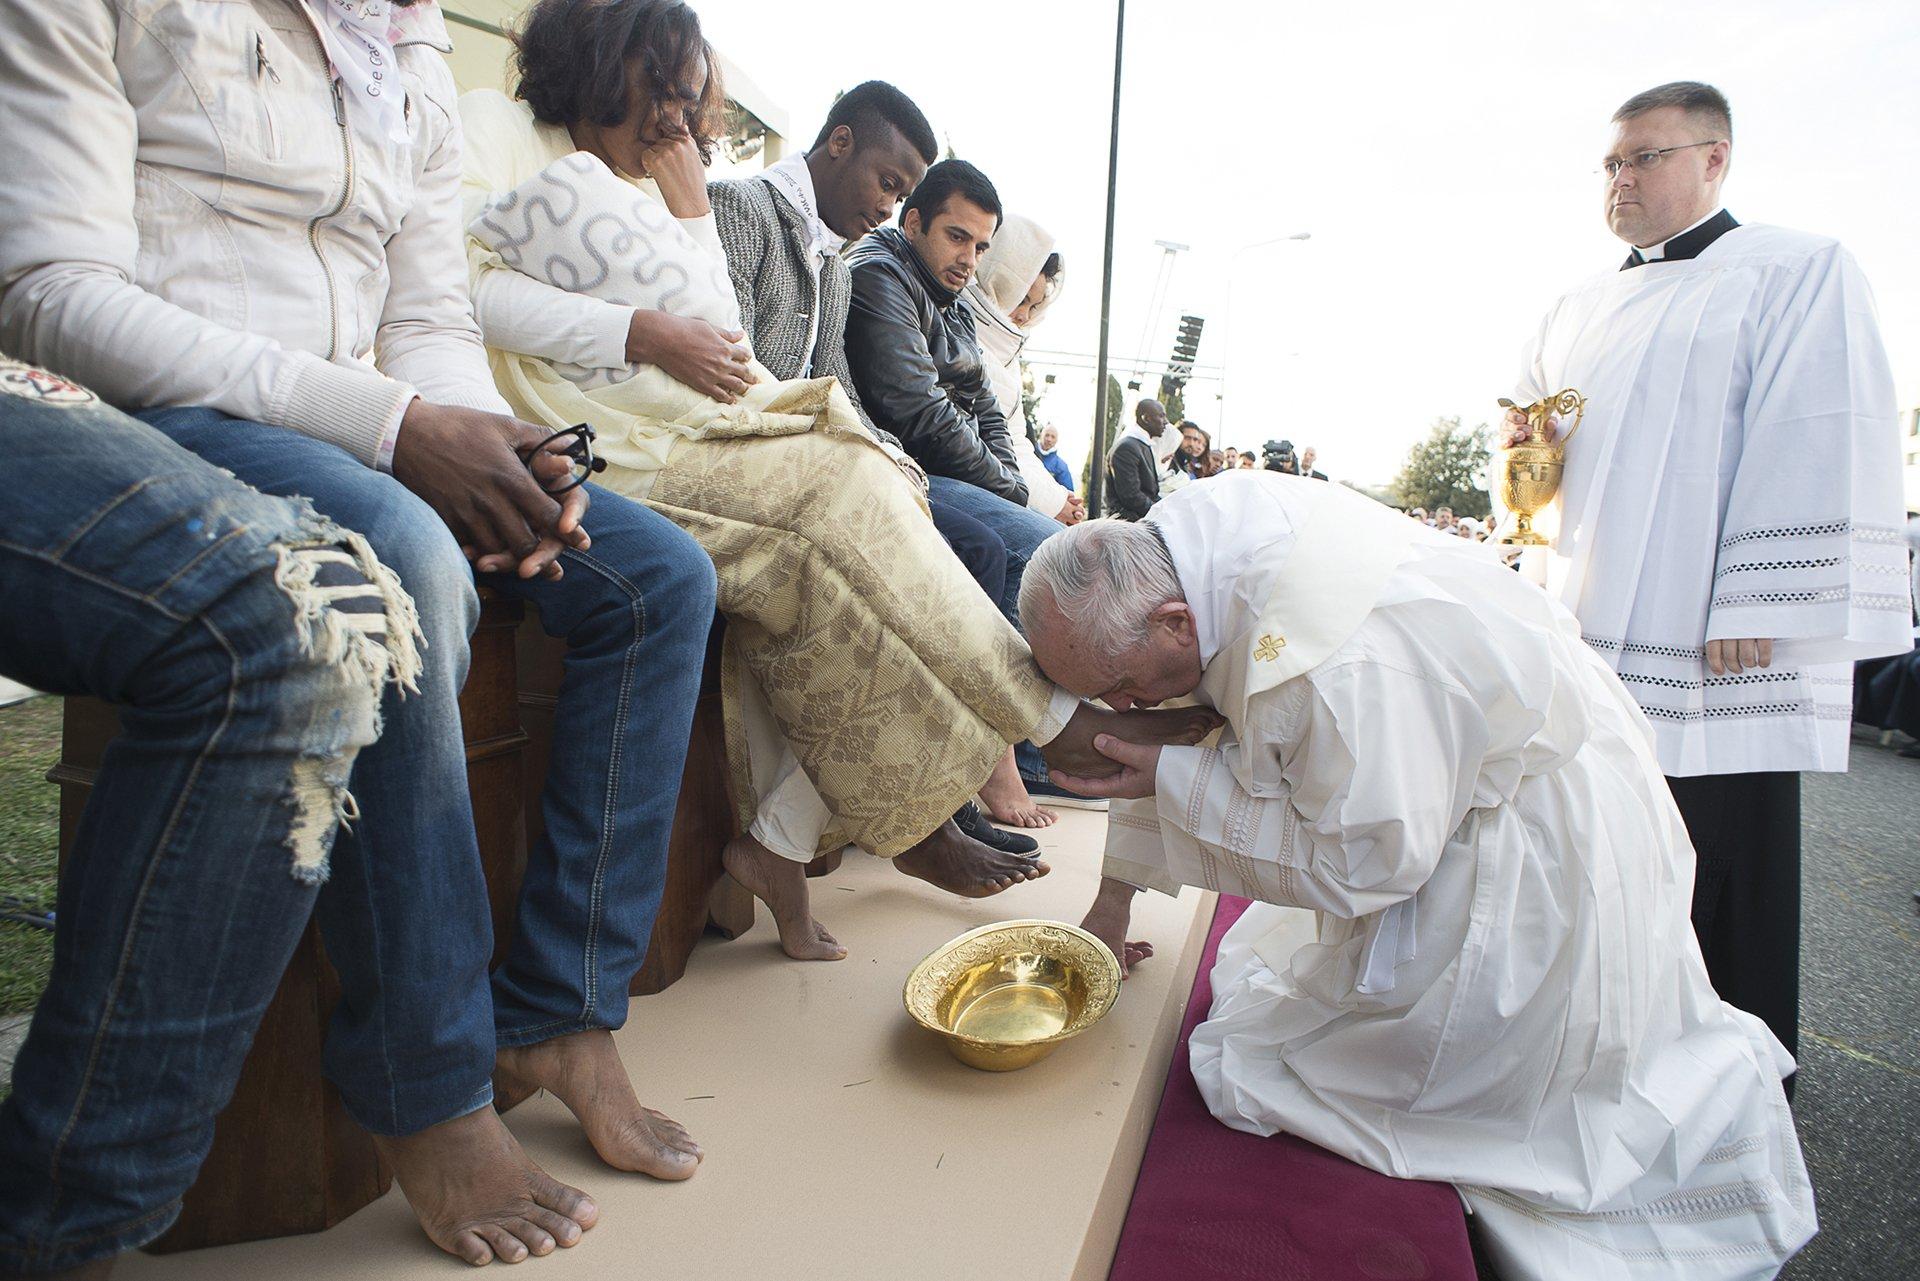 El Papa Francisco lavó y besó ellos pies de refugiados, entre ellos tres hombresmusulmanes.